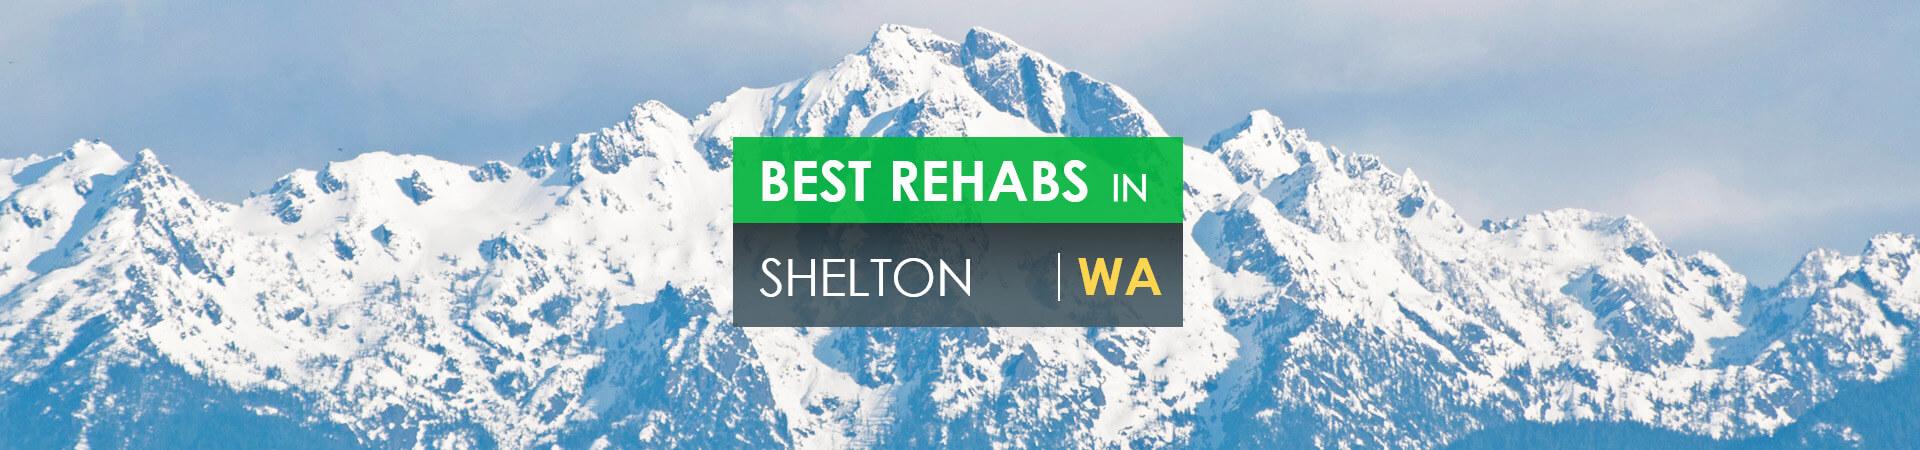 Best rehabs in Shelton, WA